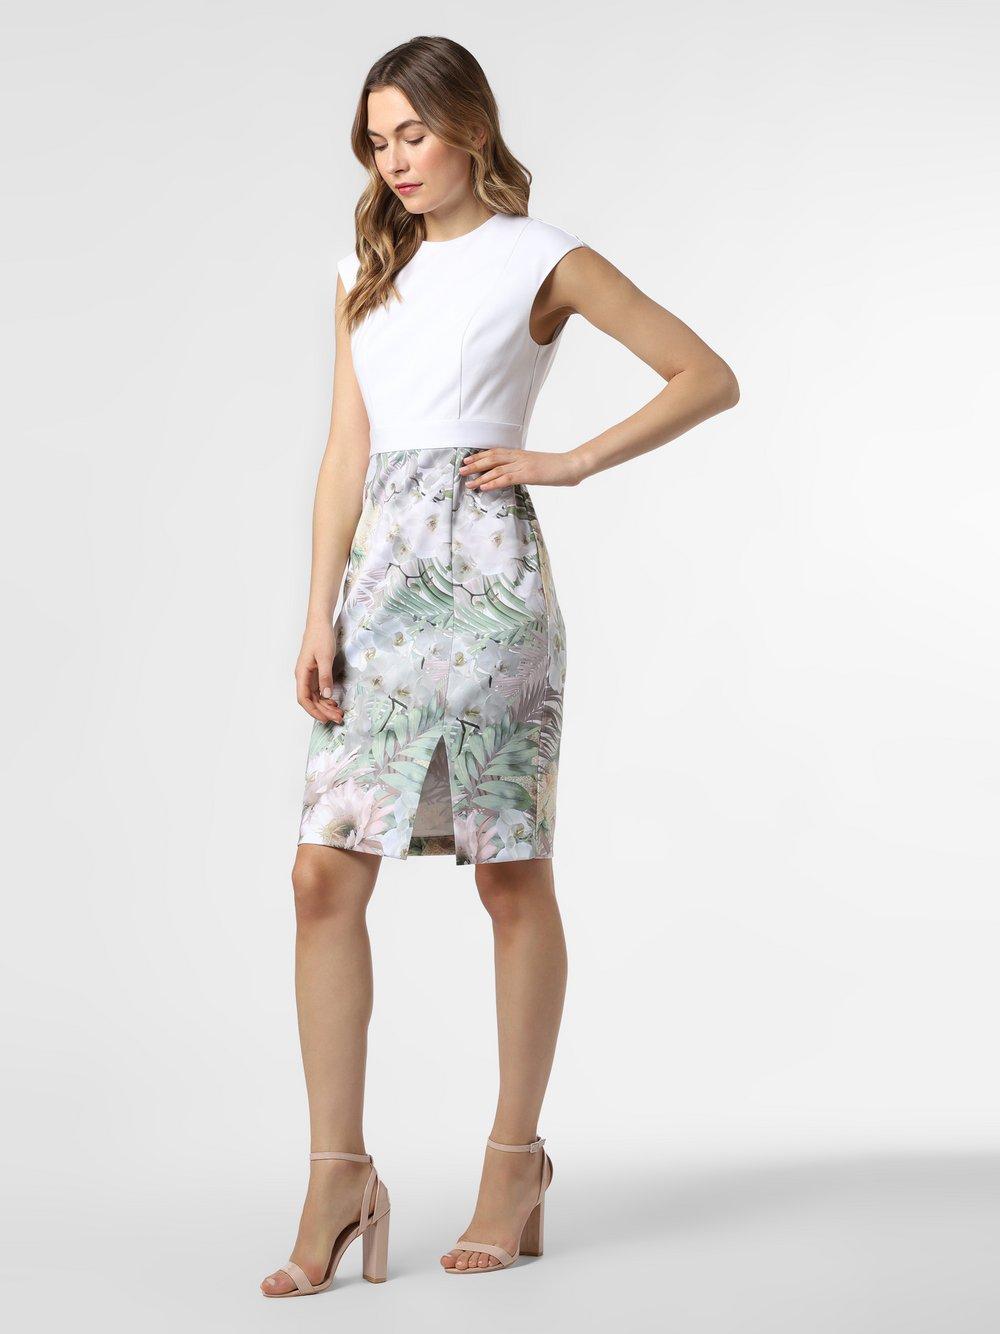 Ted Baker – Spodnie damskie – Hanalee, biały Van Graaf 475283-0001-00420